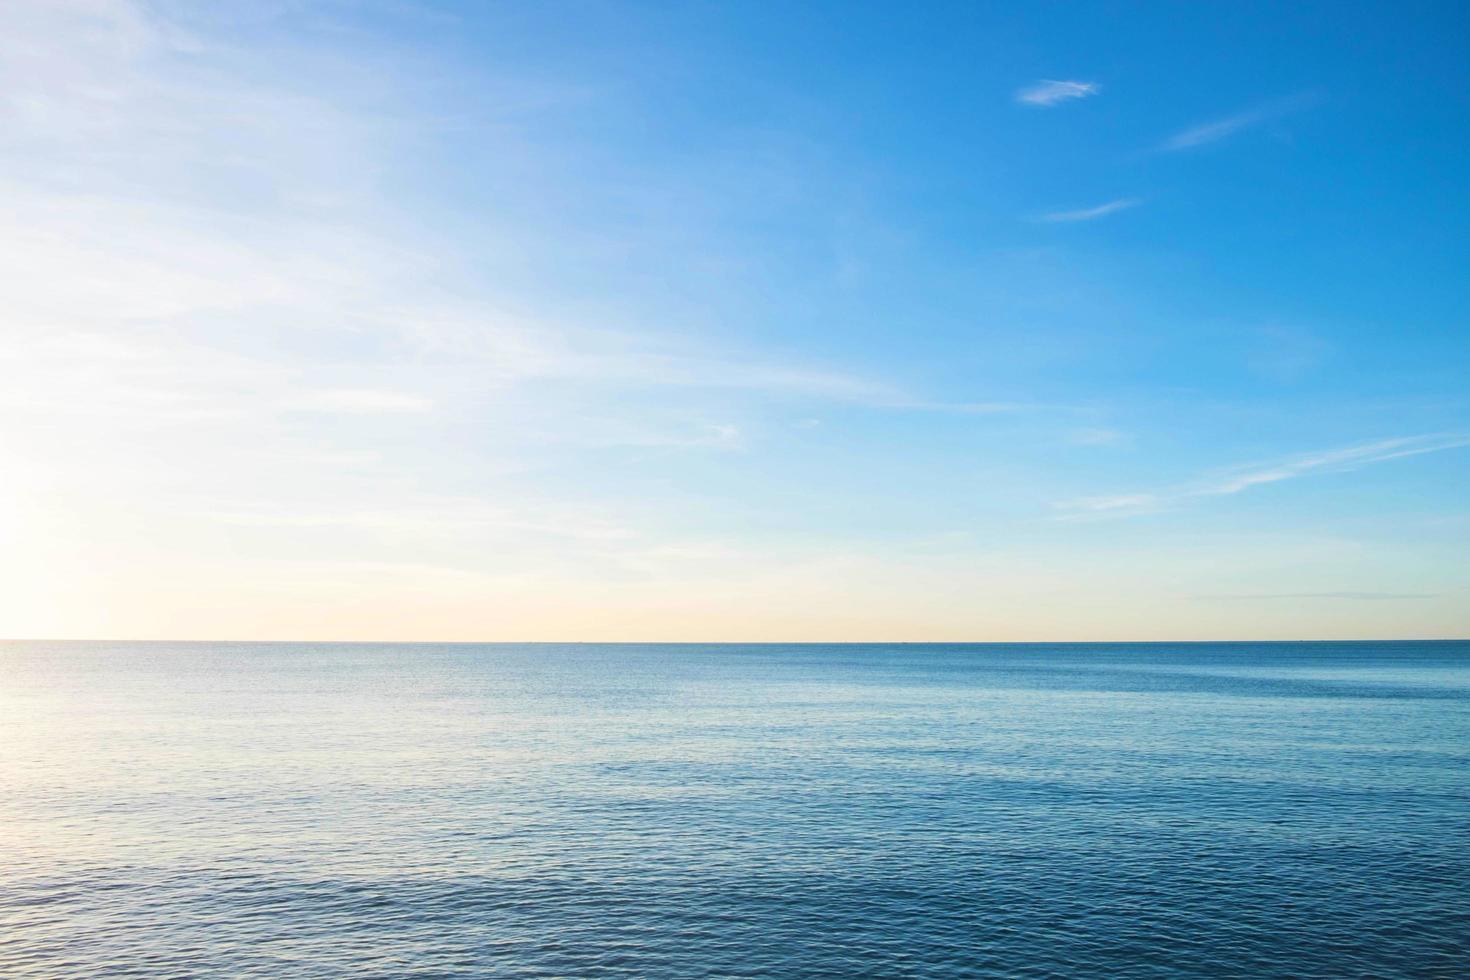 agua azul y cielo durante el día foto